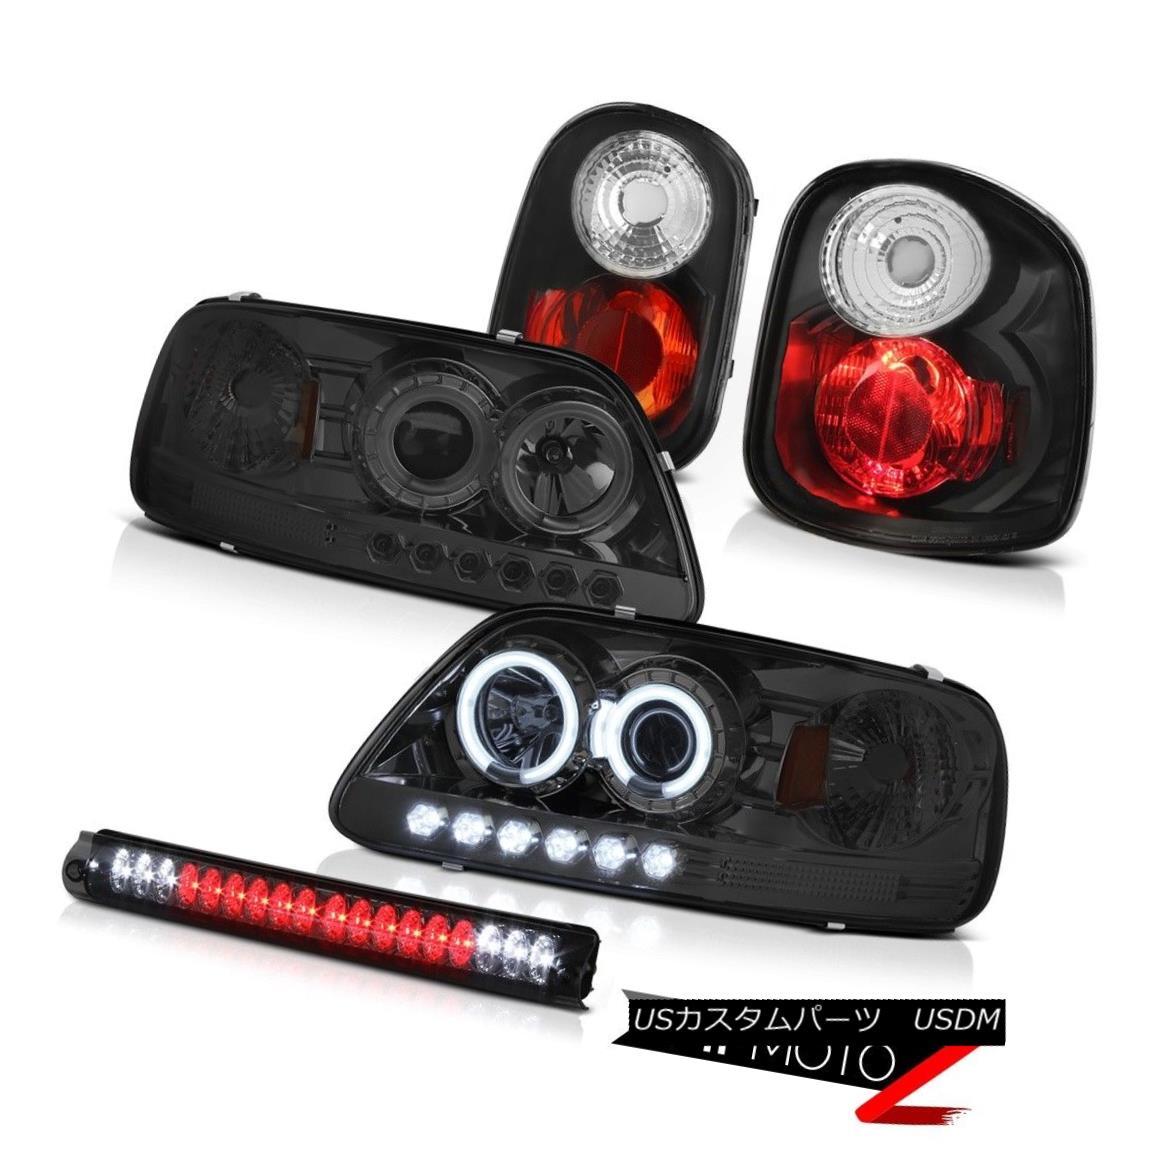 テールライト Brightest CCFL Headlights Reverse Tail Lights 3rd LED 01-03 F150 Flareside 4.2L 最も明るいCCFLヘッドライトリバーステールライト3rd LED 01-03 F150 Flareside 4.2L